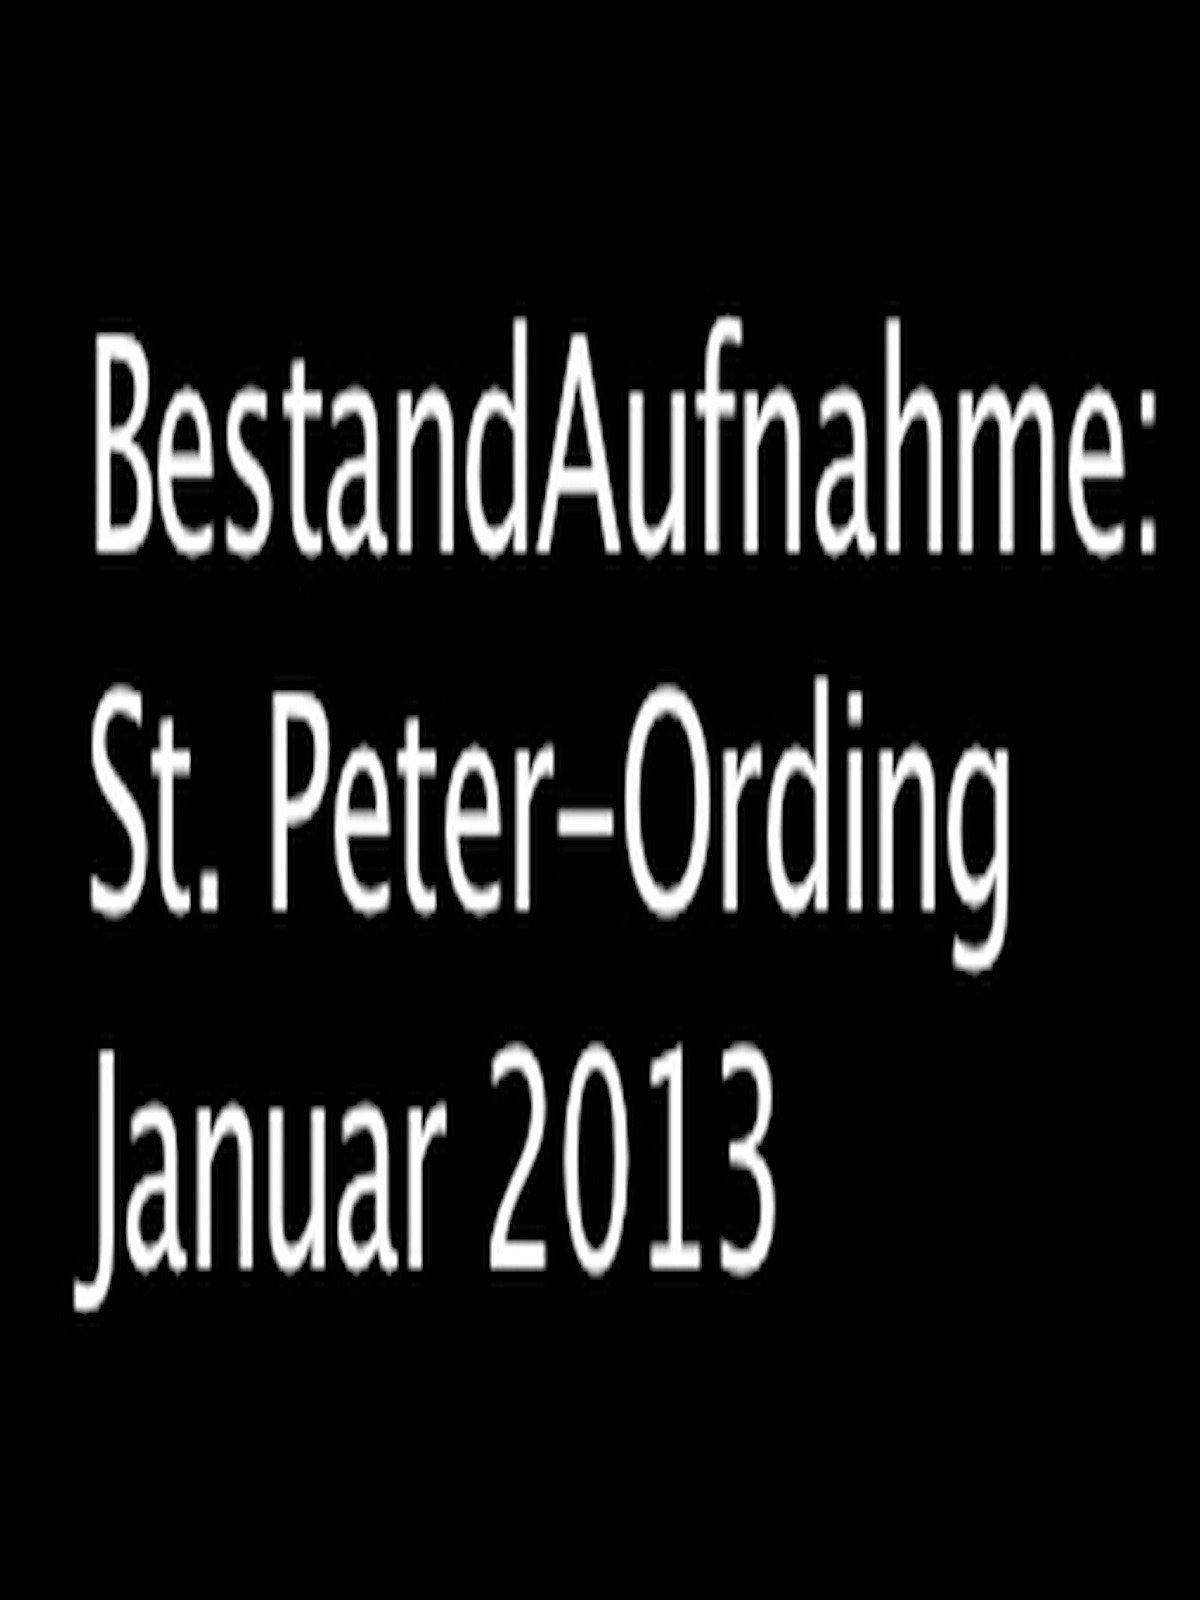 BestandAufnahme: St.Peter-Ording Januar 2013